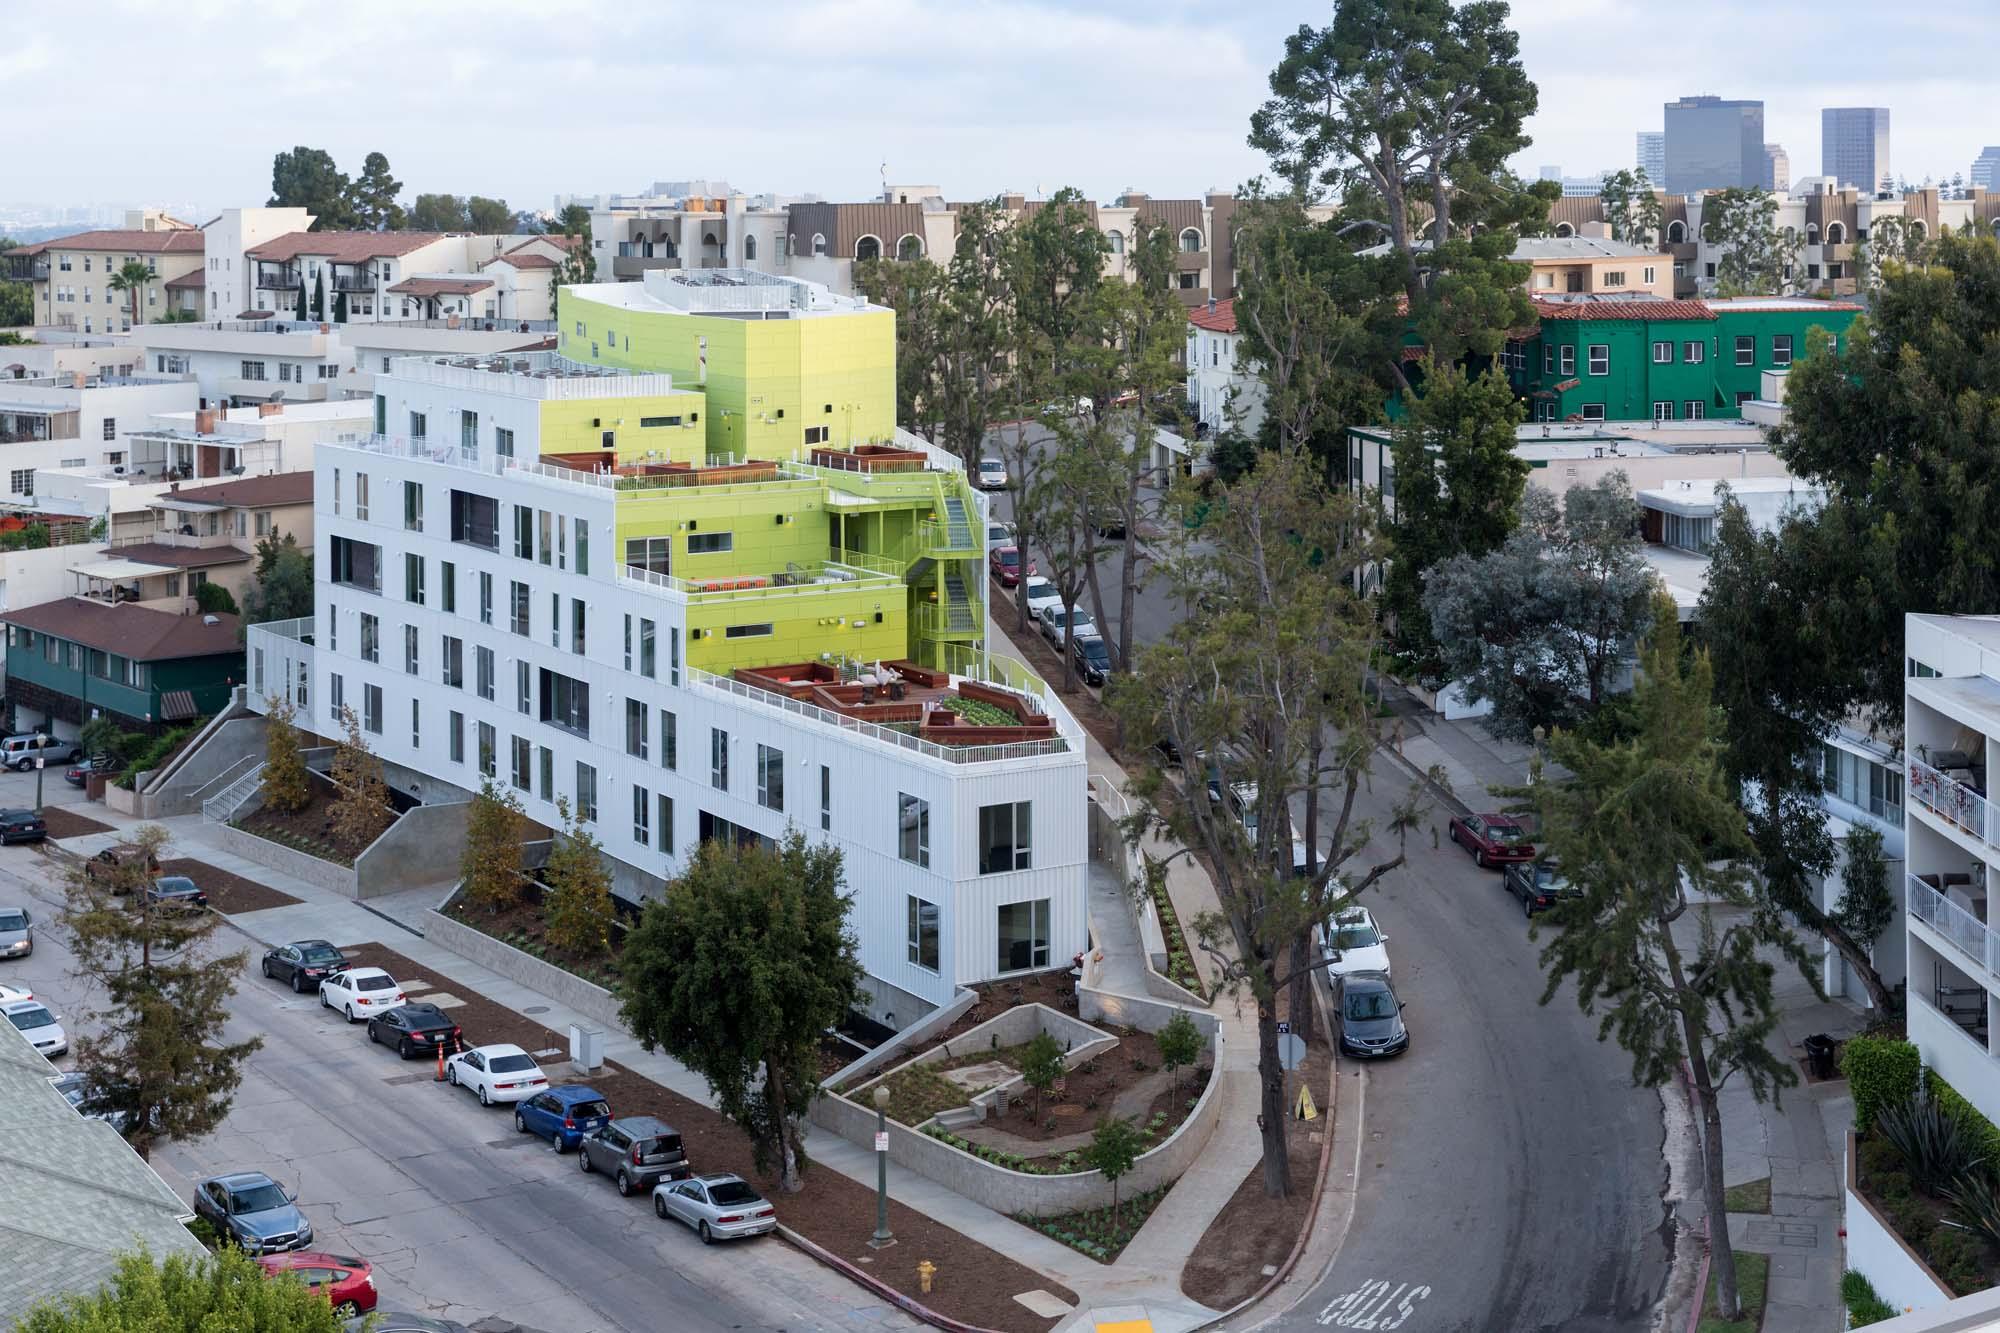 Sl11024 architect magazine lorcan o 39 herlihy architects - Residence calistoga strening architects californie ...